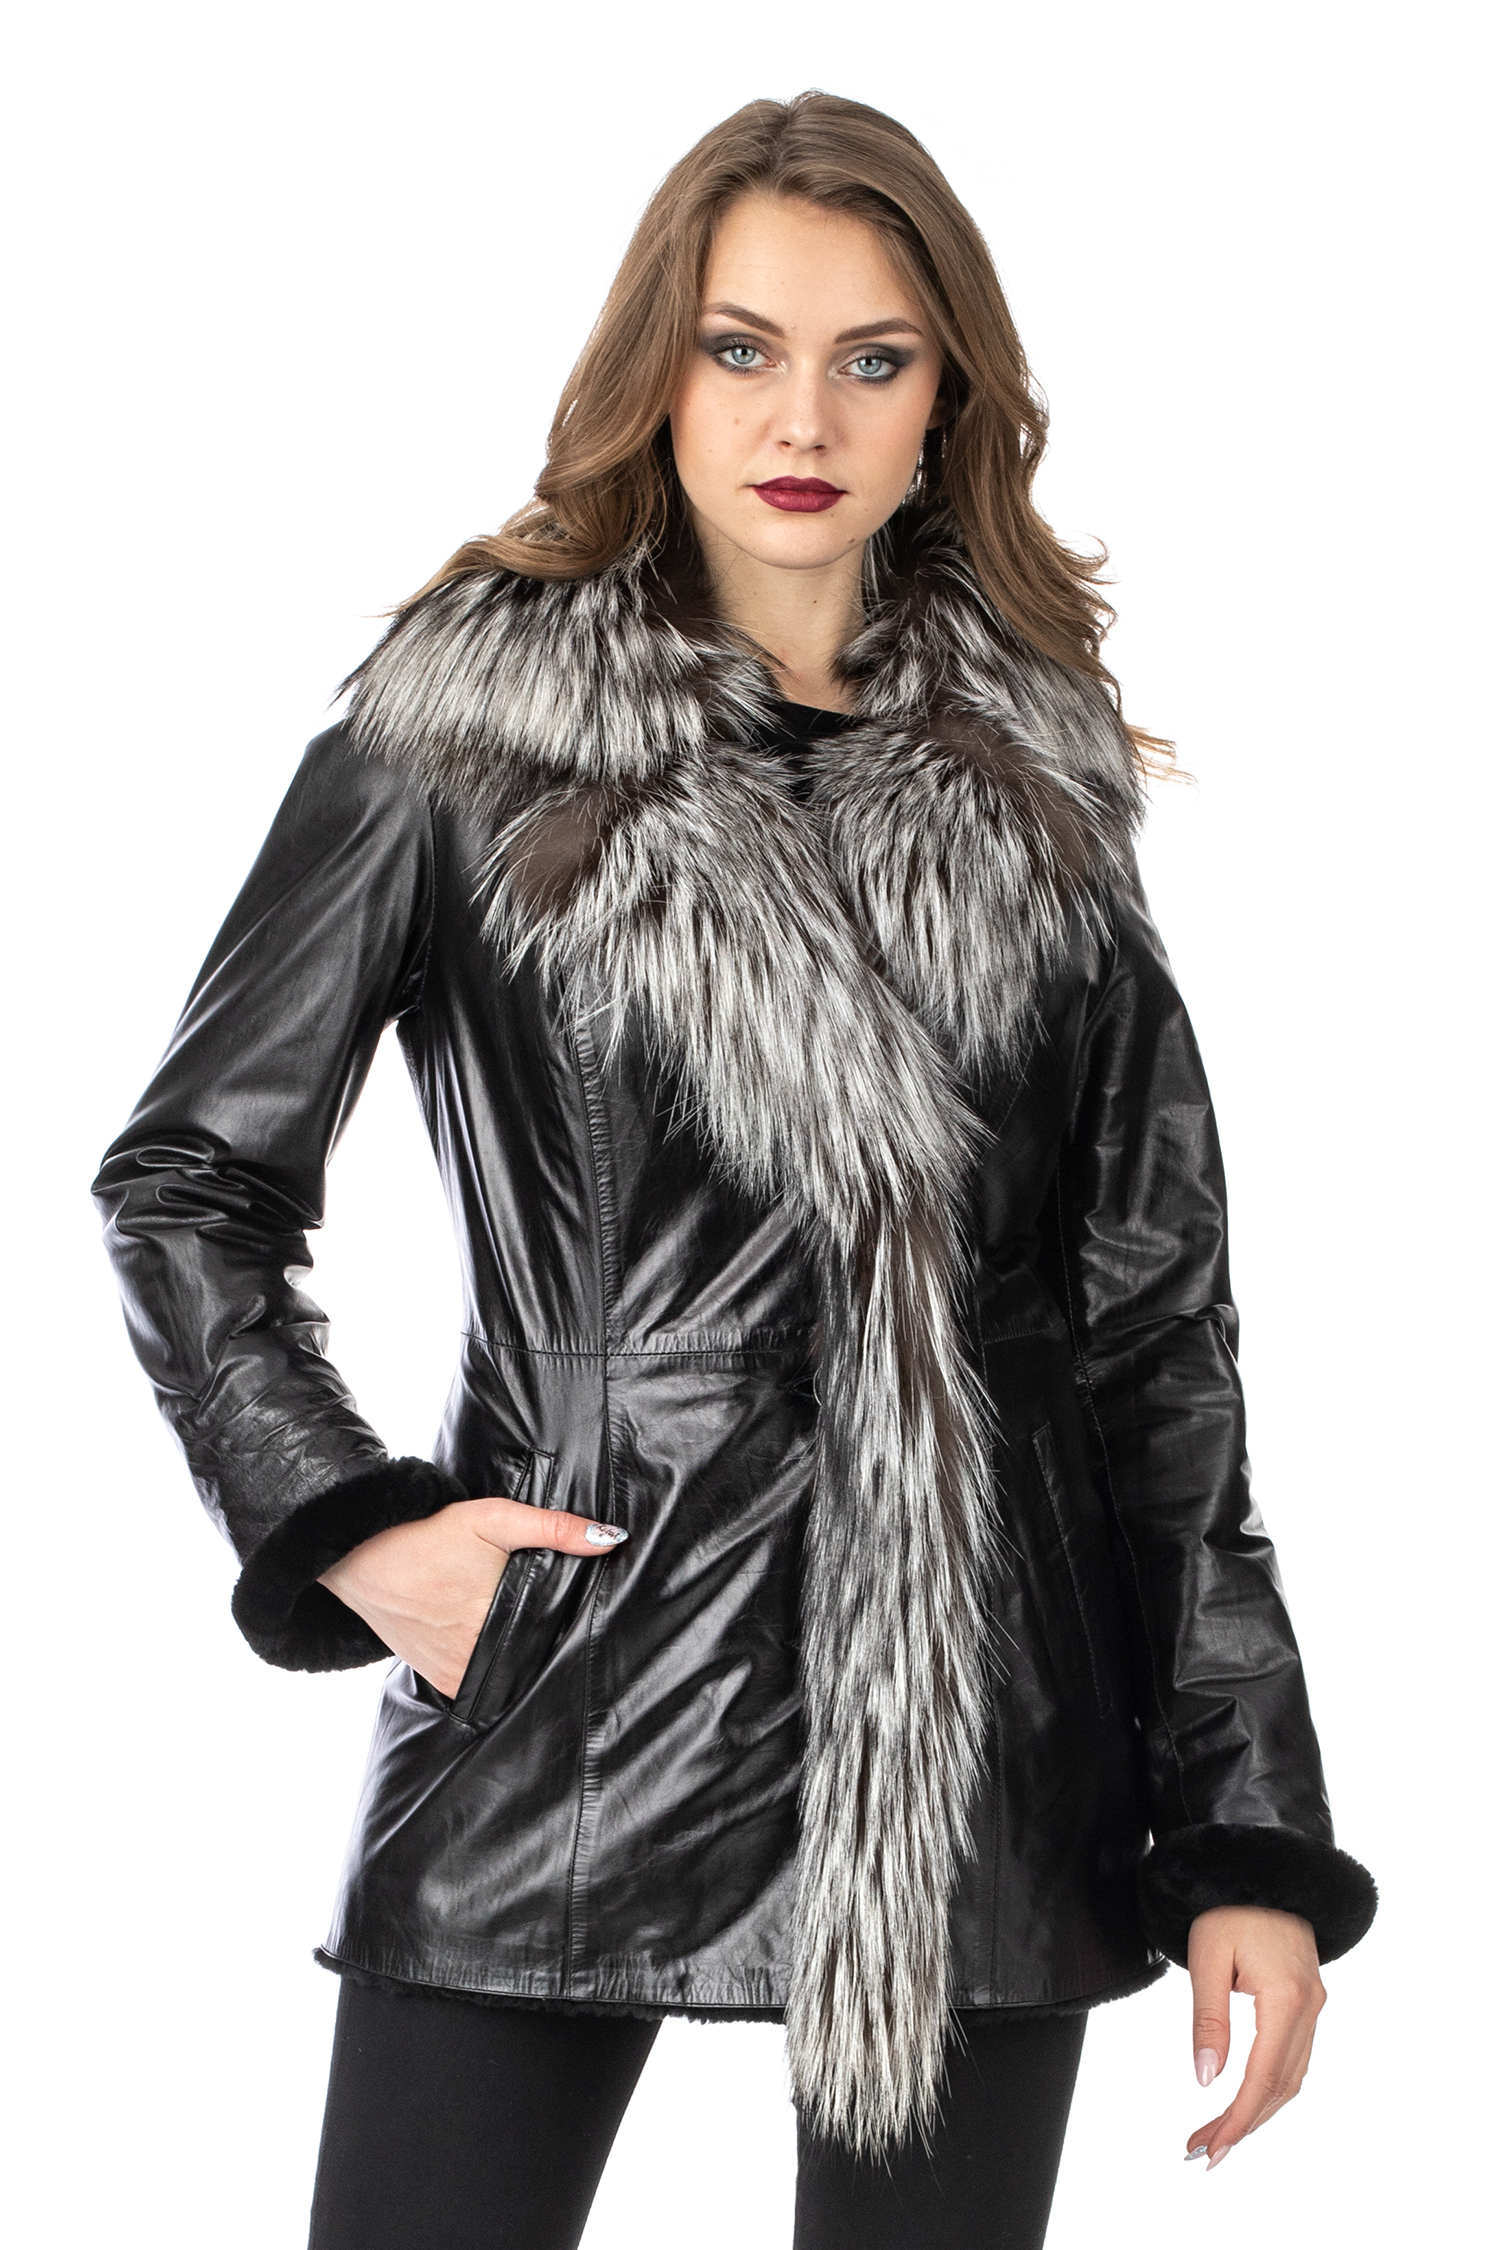 Женская кожаная куртка из натуральной кожи на меху с воротником, отделка лиса